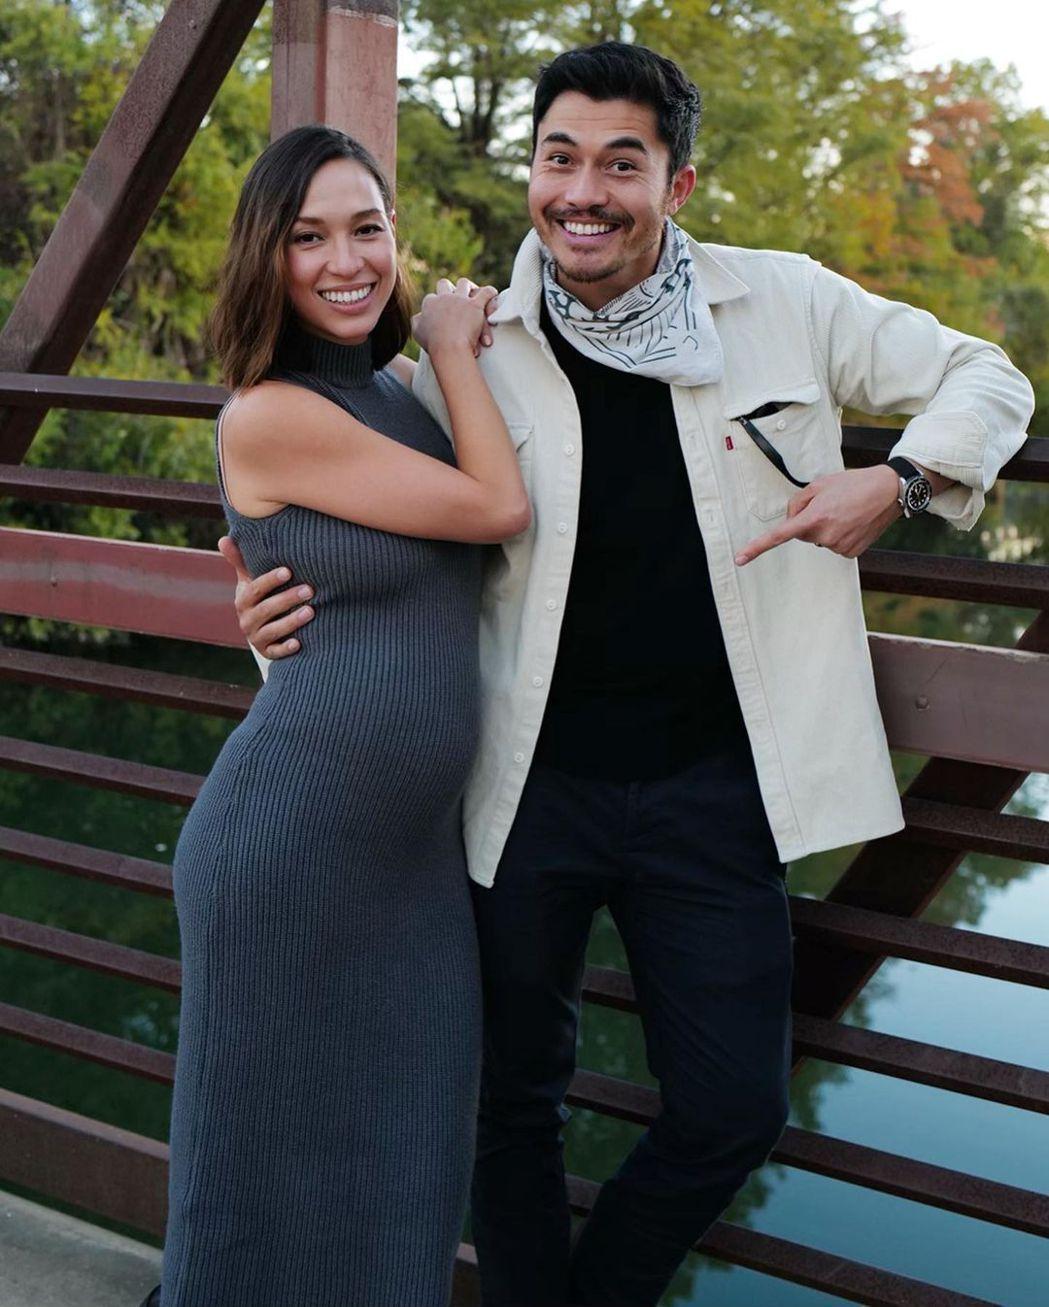 亨利高汀開心宣布妻子羅愛英已懷孕的好消息。圖/摘自Instagram